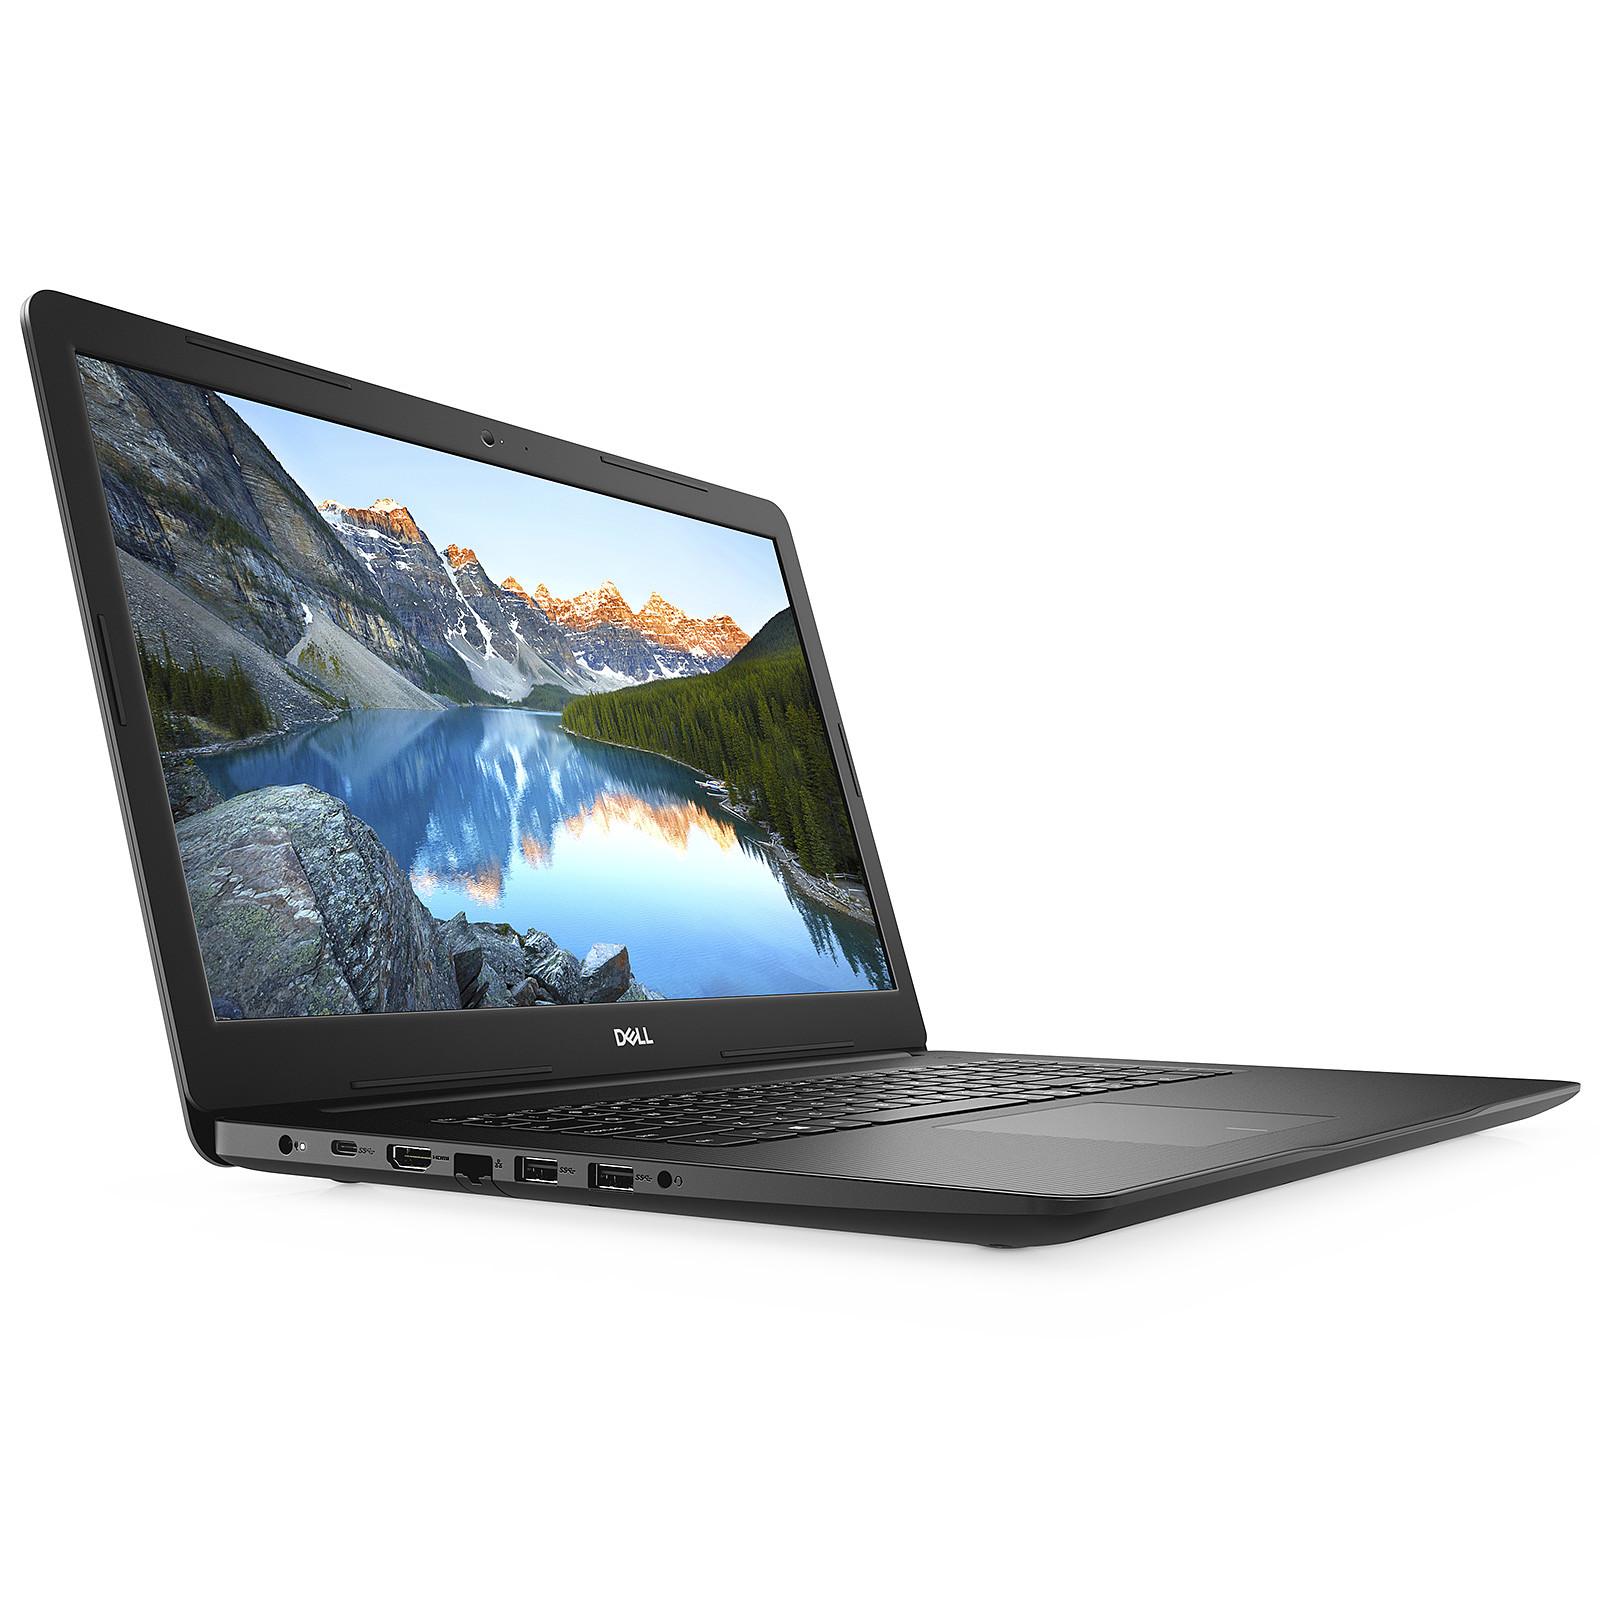 Dell Inspiron 17 3793 (3793-0089)